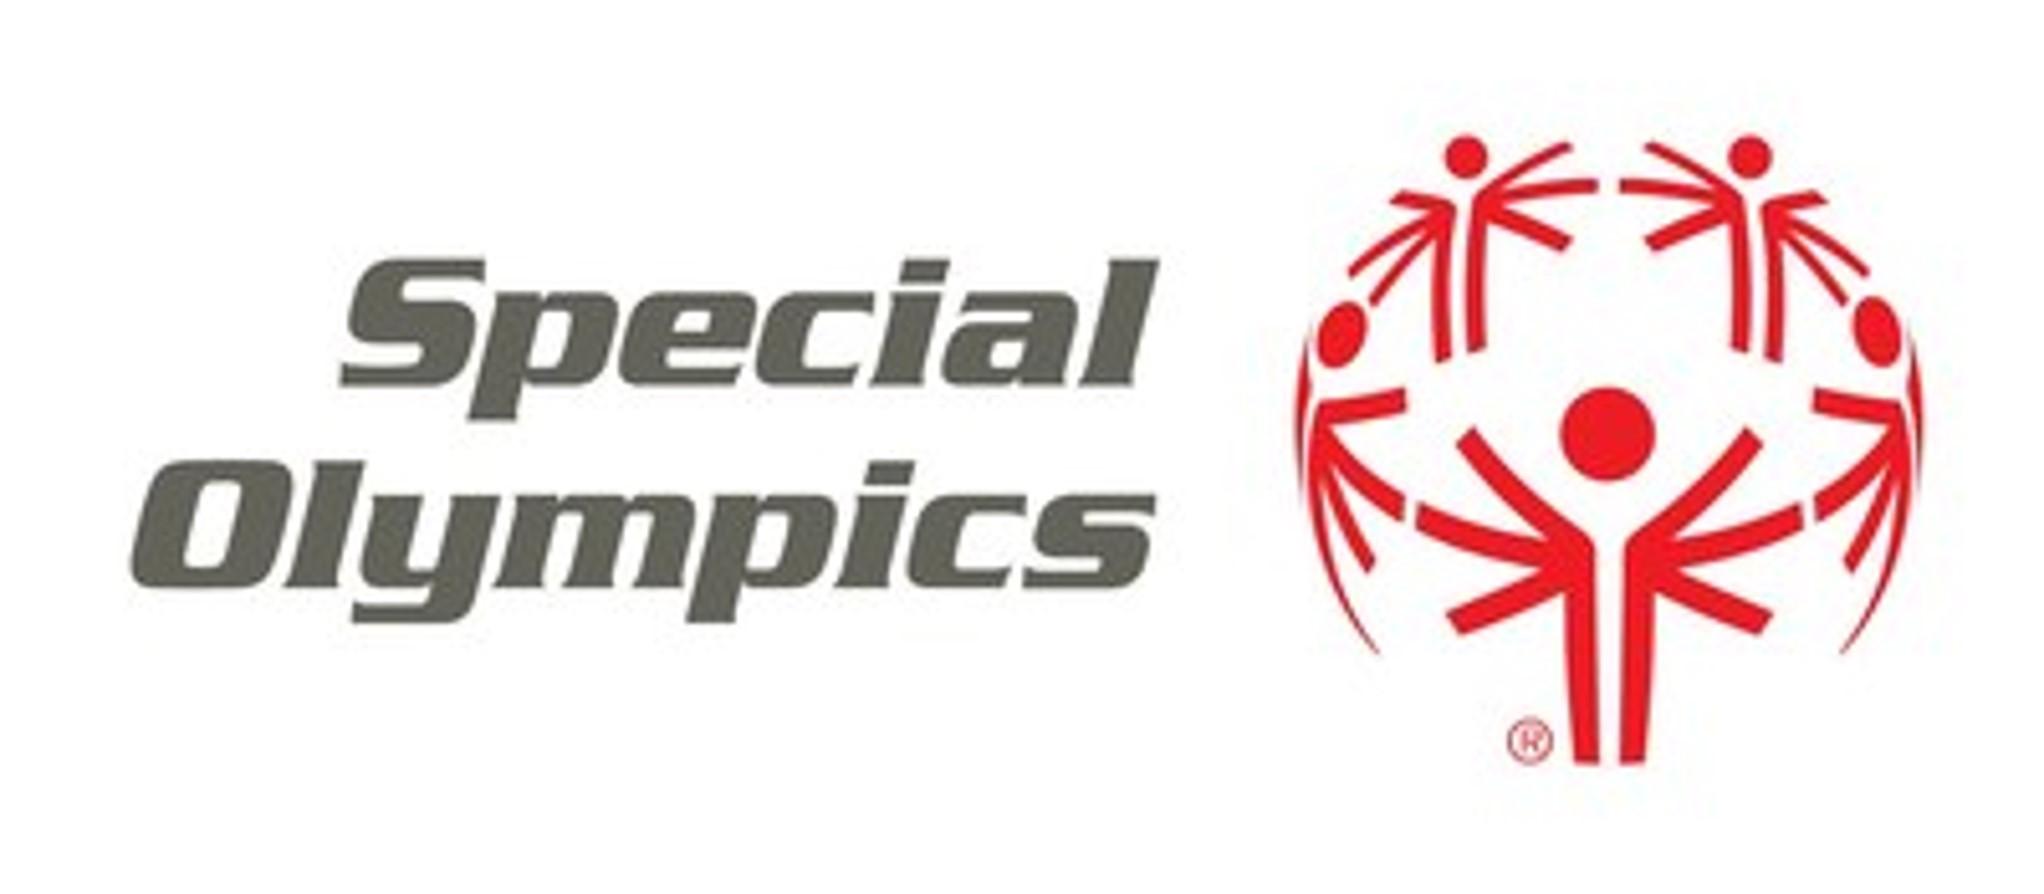 ¡Que comience la cuenta regresiva! Falta un año para los Juegos Mundiales de Invierno de las Olimpiadas Especiales Kazán 2022